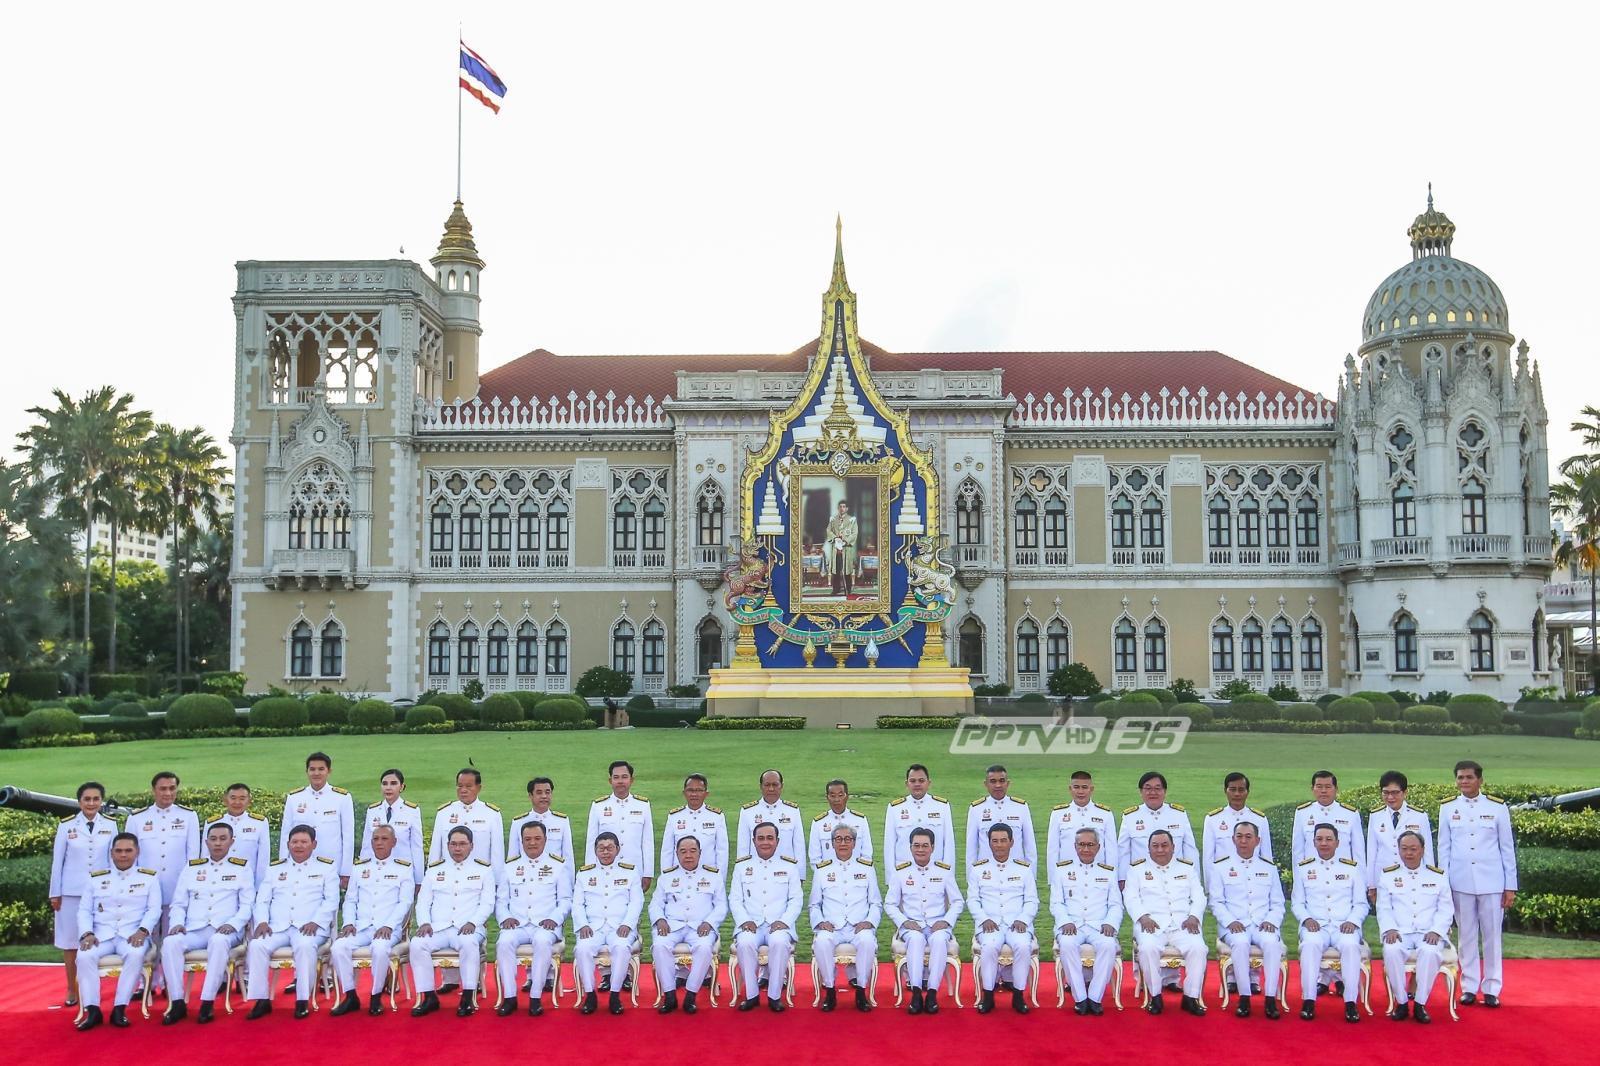 สหรัฐฯส่งสาส์นยินดีรัฐบาลใหม่ไทย เฝ้ารอร่วมงาน - พัฒนาความสัมพันธ์สองประเทศ